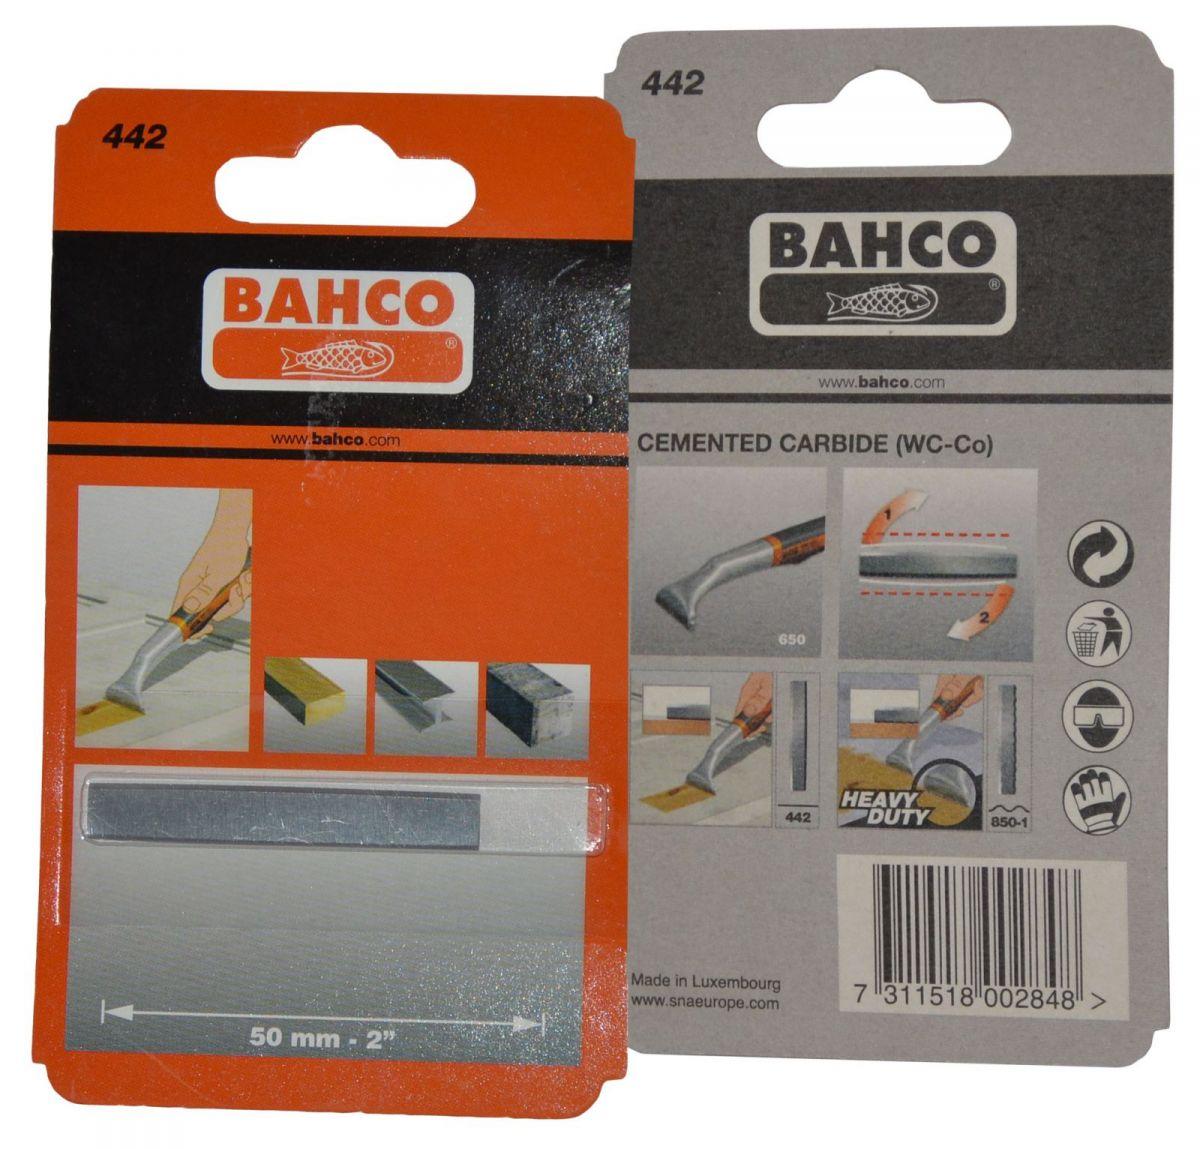 Bahco Ergo Reserve Mes 50 Mm 442